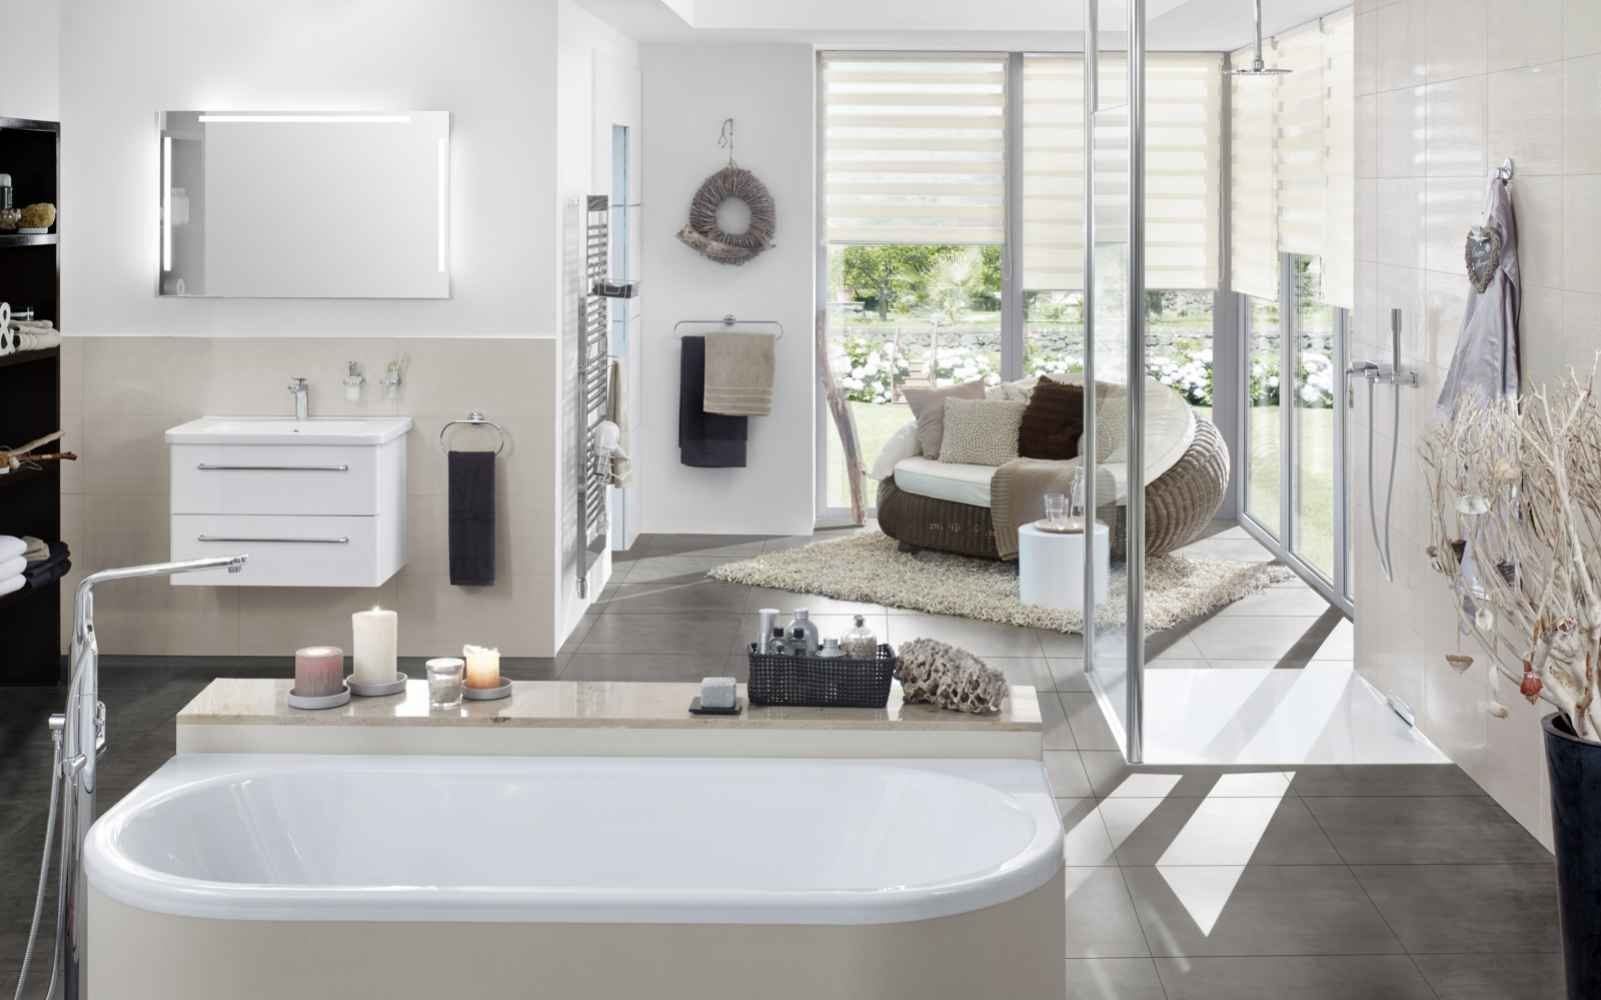 Badezimmer Led ~ Badezimmer mit led spiegel zentraler blickfang in einem badezimmer